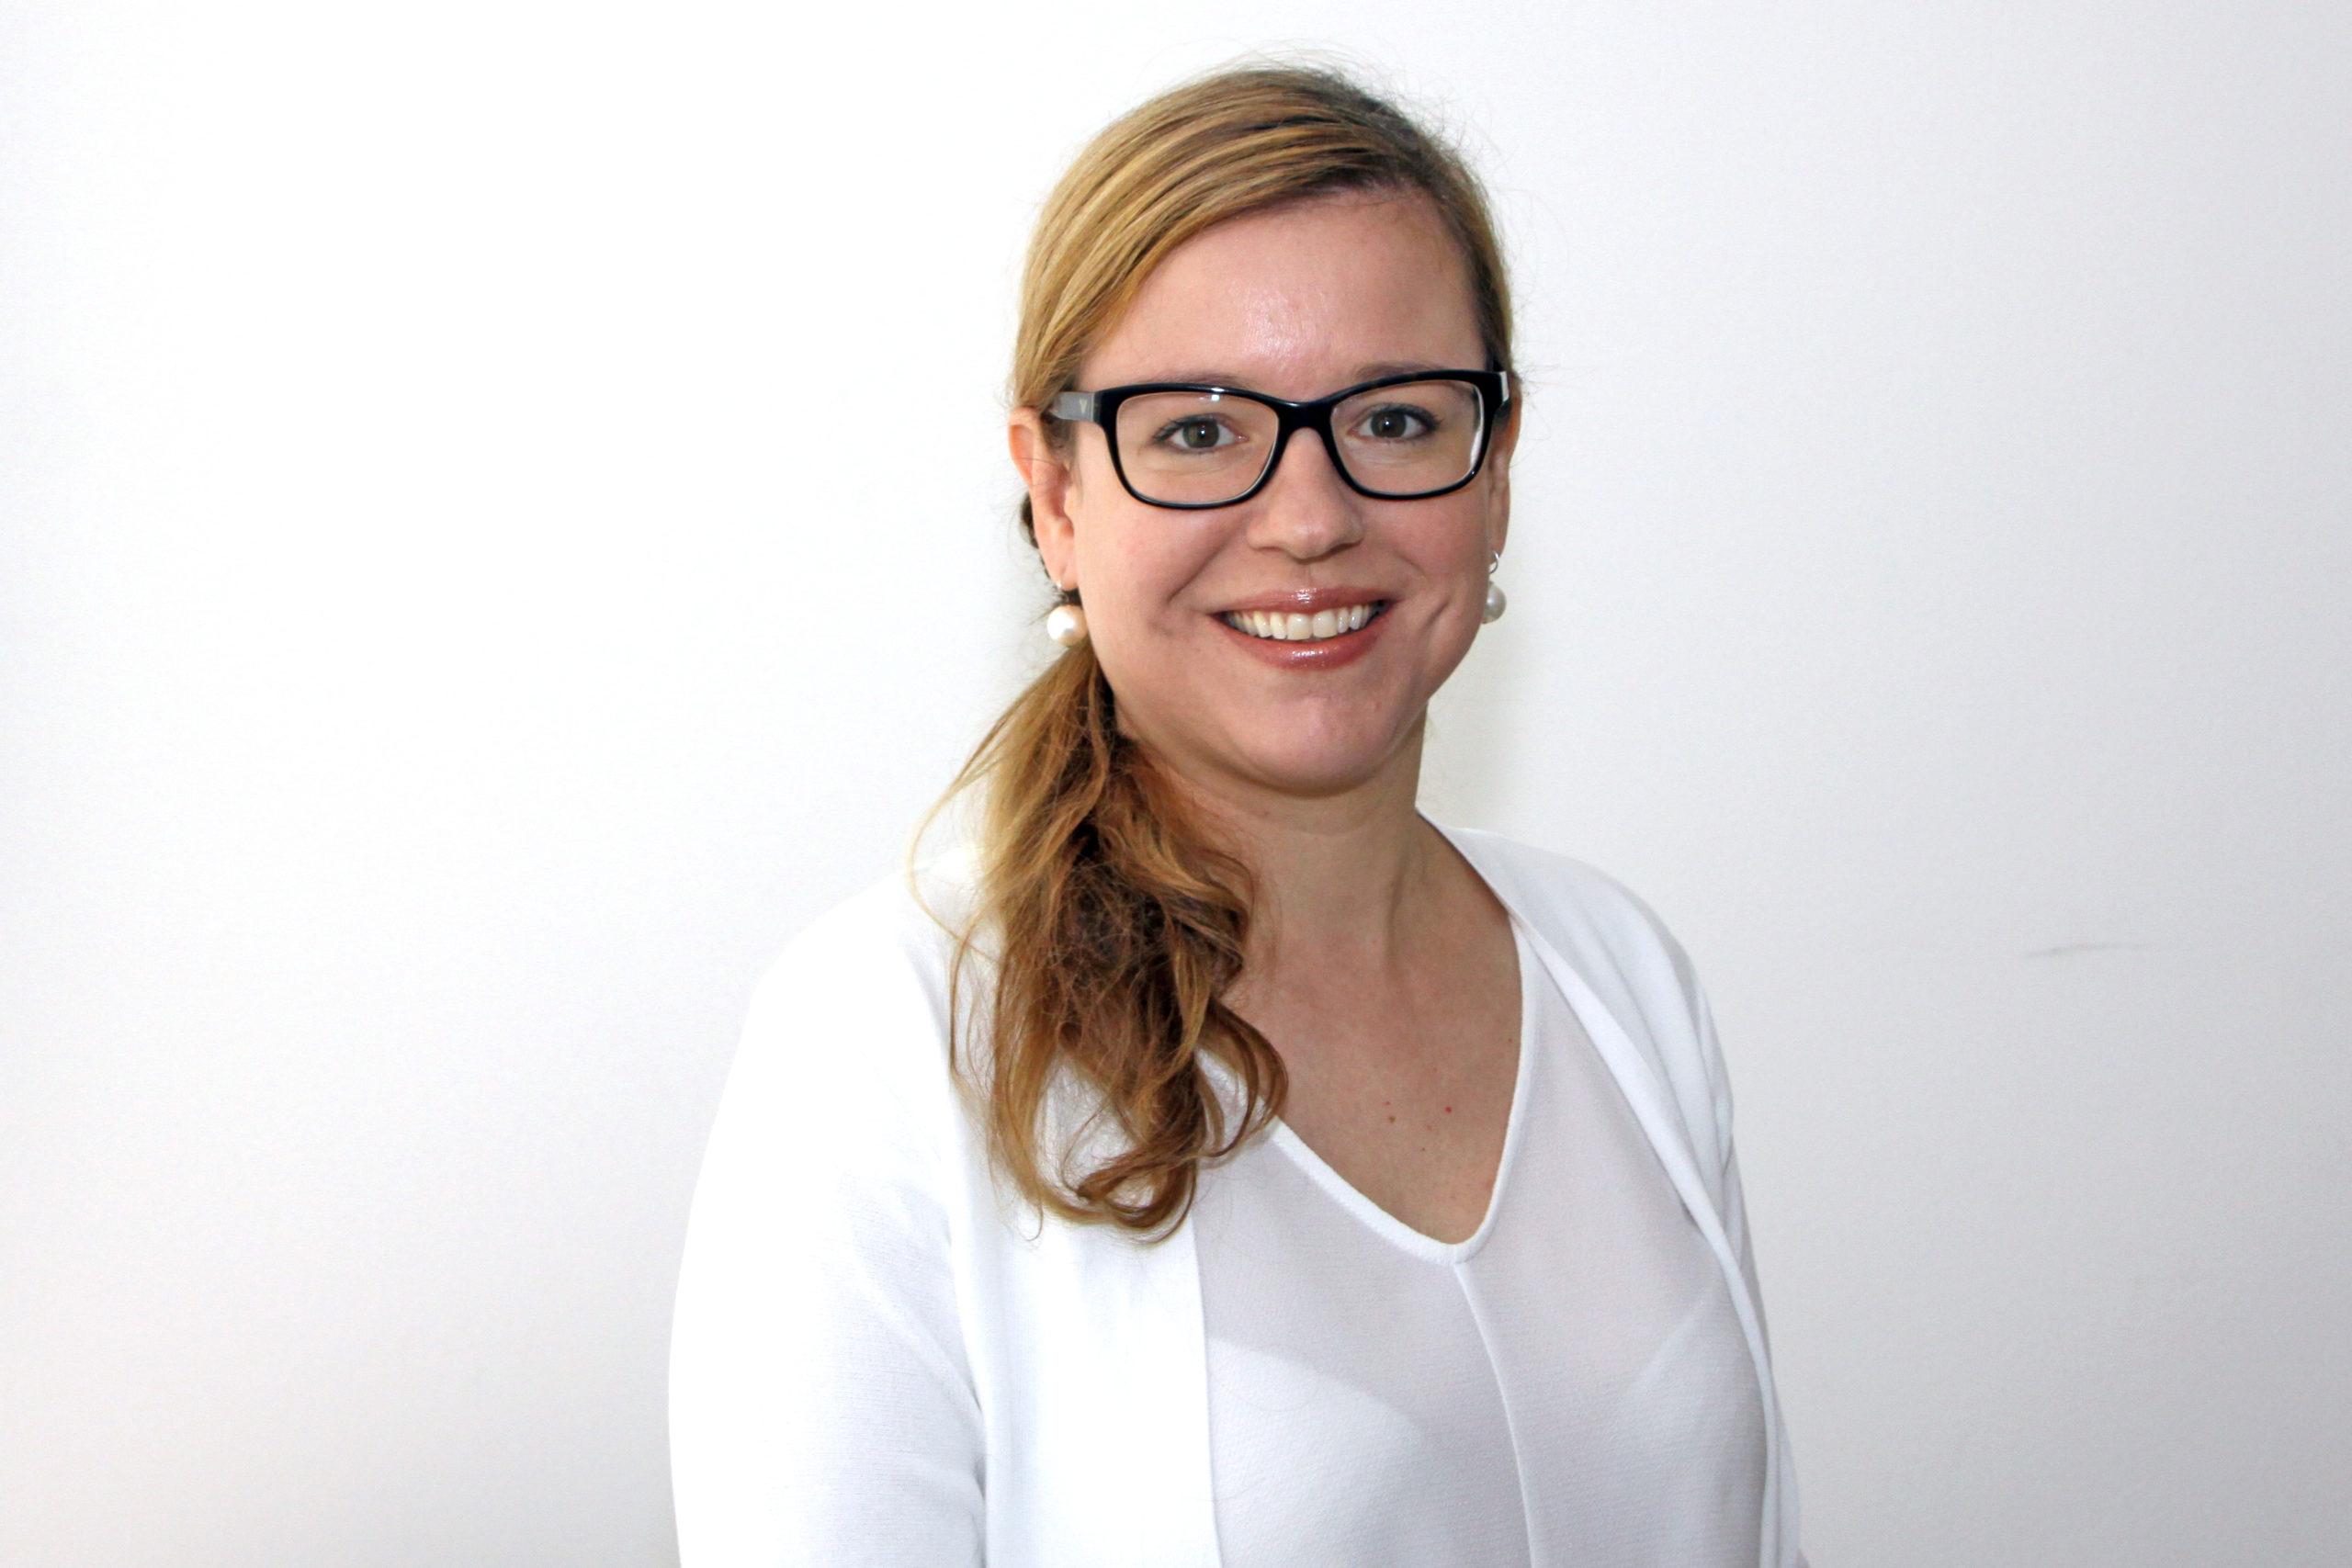 Apothekerin, Fachgebiet Homöopathie, Naturheilkunde, Kosmetik - Stephanie Harlacher